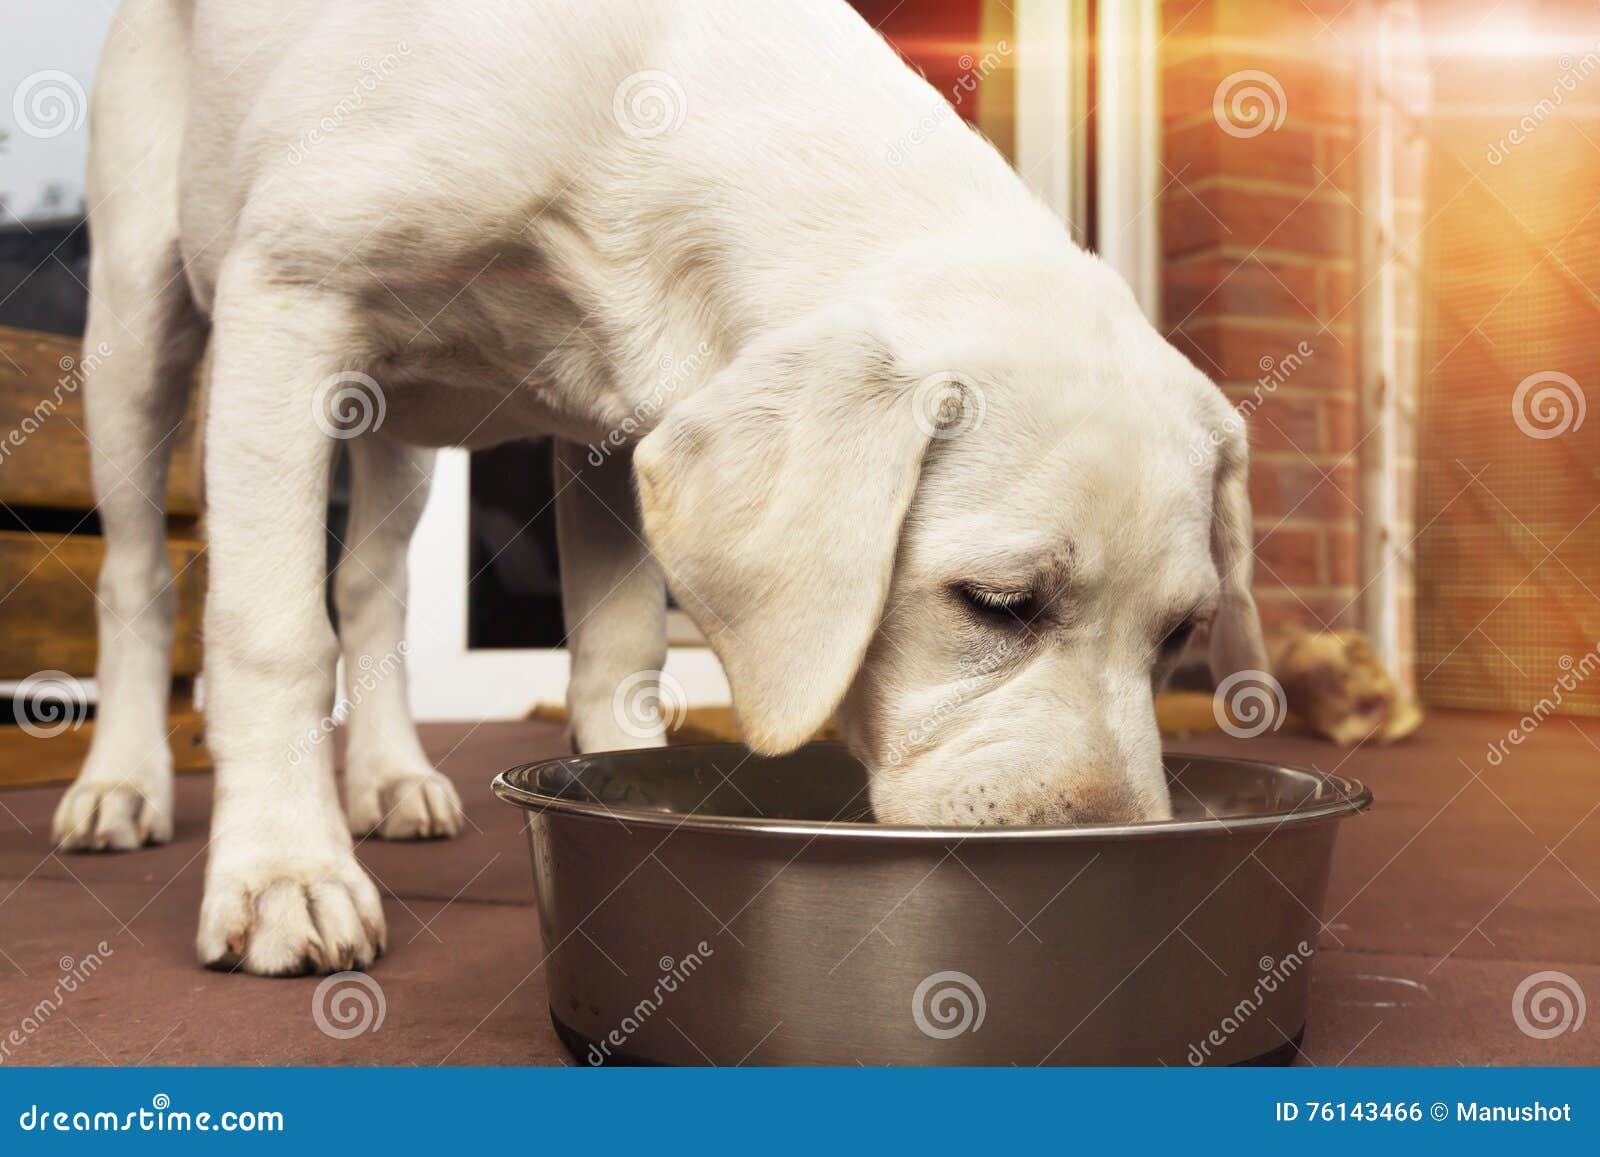 吃barf肉的一只幼小拉布拉多狗小狗在他的碗外面